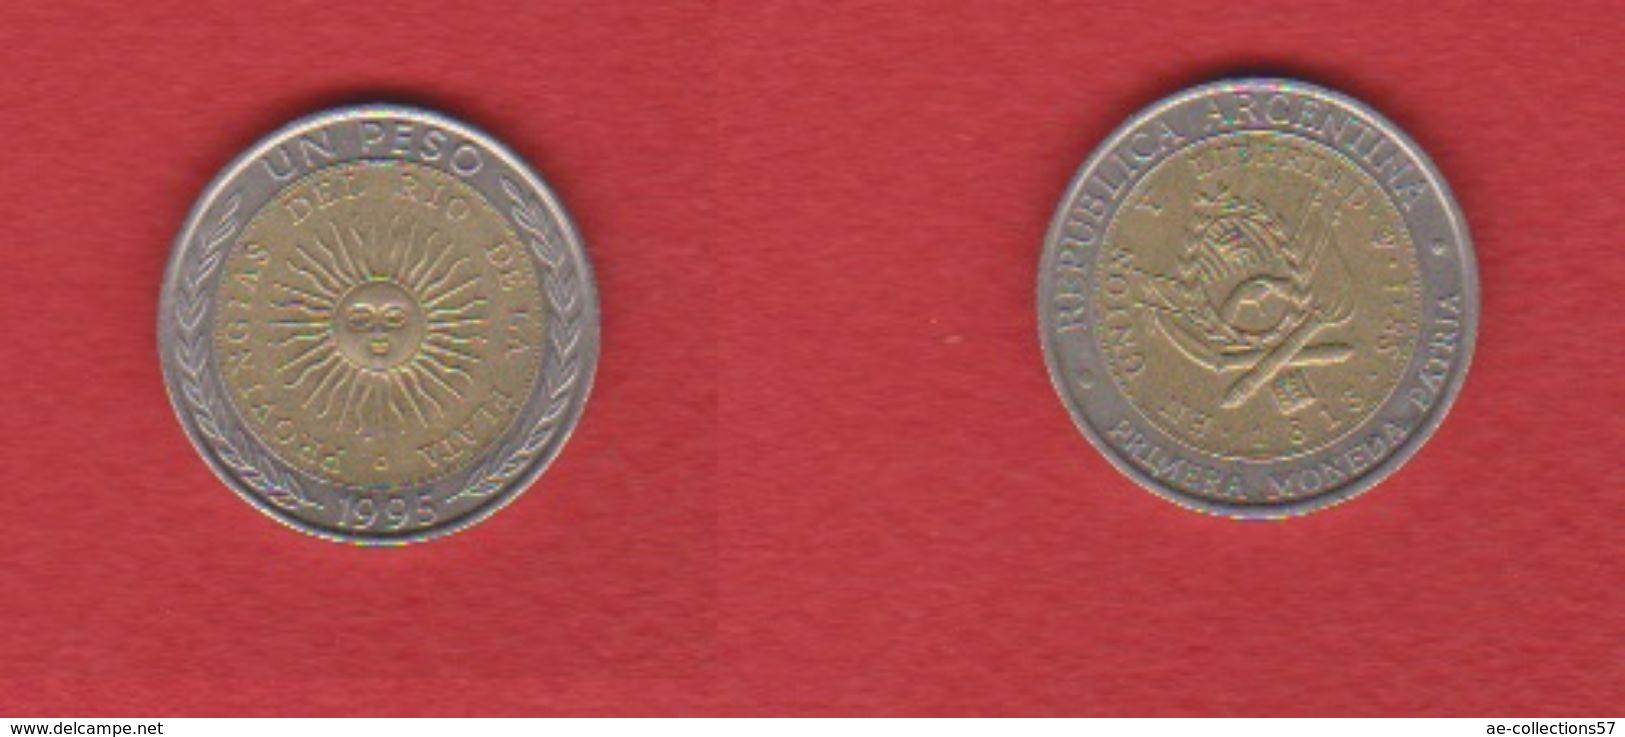 Argentine / 1 Peso 1995 / KM 112.3 / SUP - Argentine